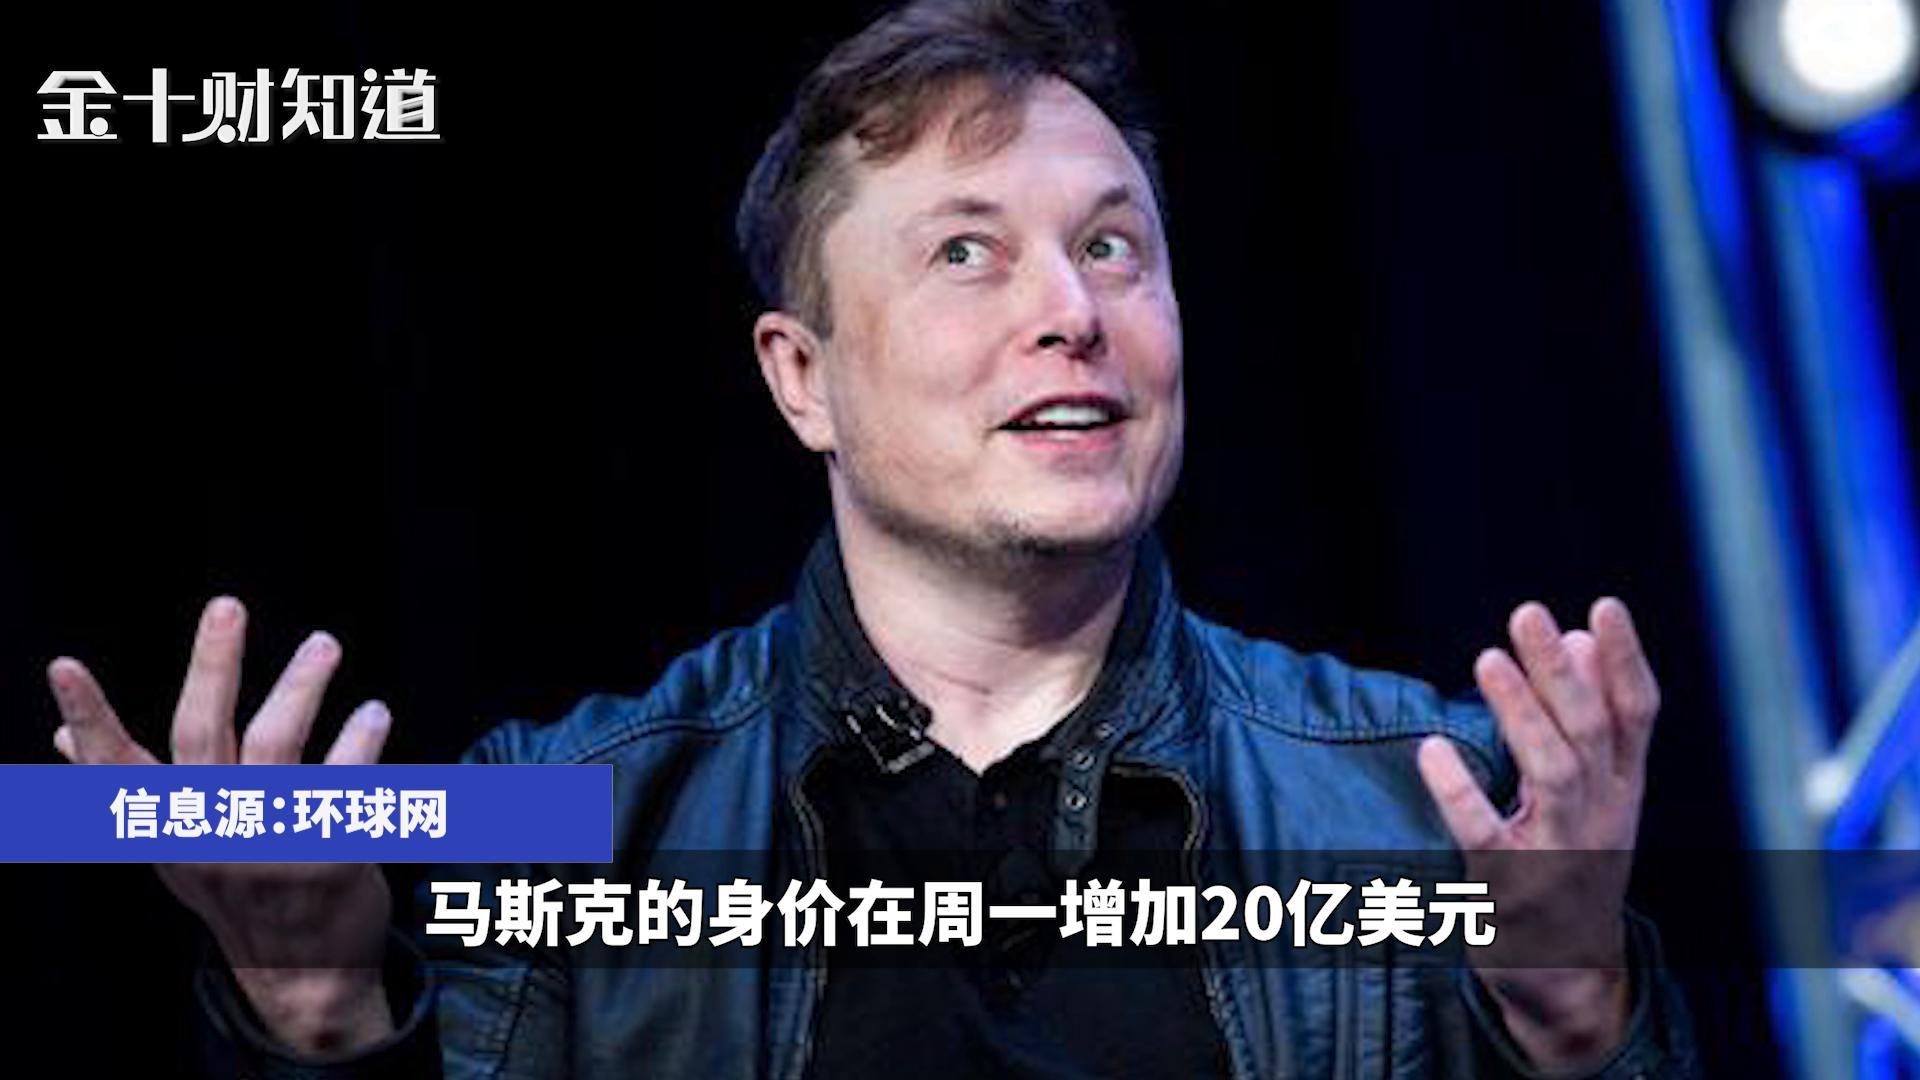 马斯克身价增至392亿美元,仍未超越马化腾马云!安卓版